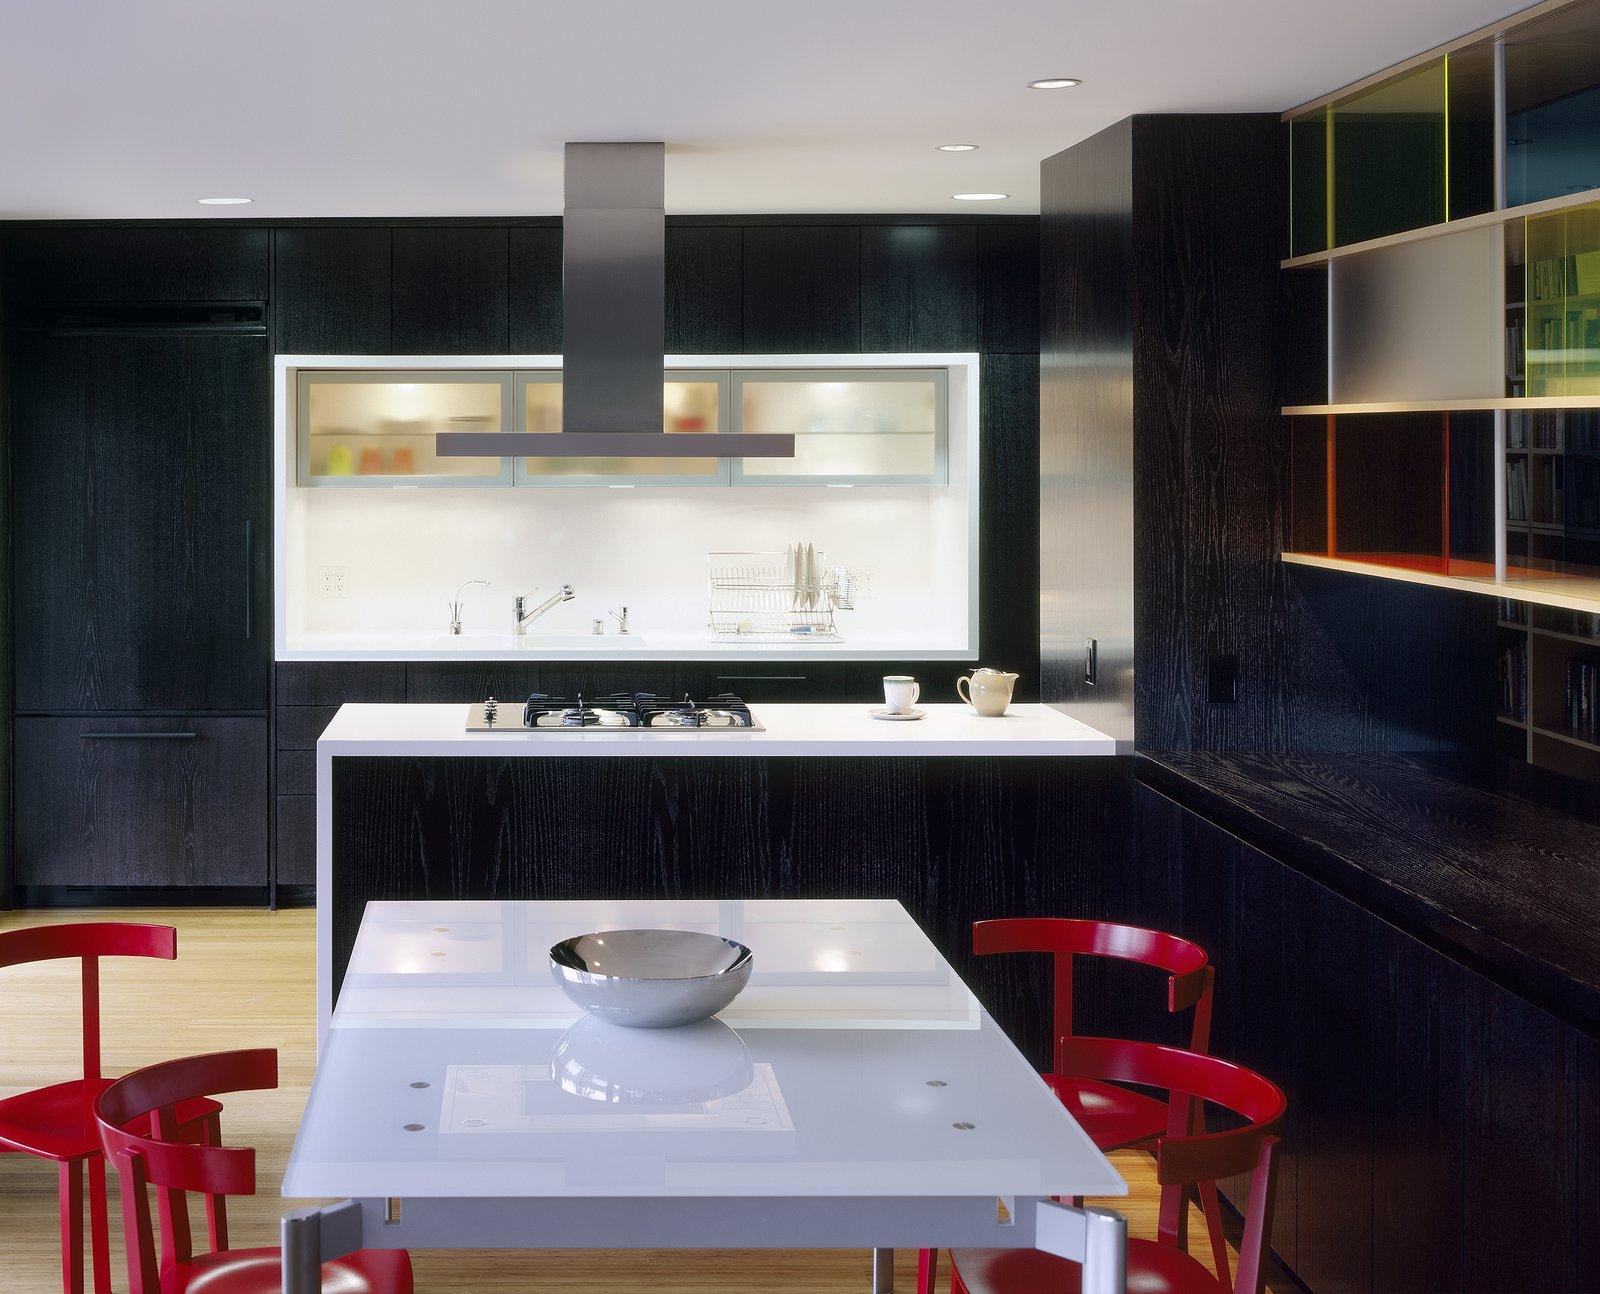 Kitchen and dining room with custom aluminized/ebonized oak casework